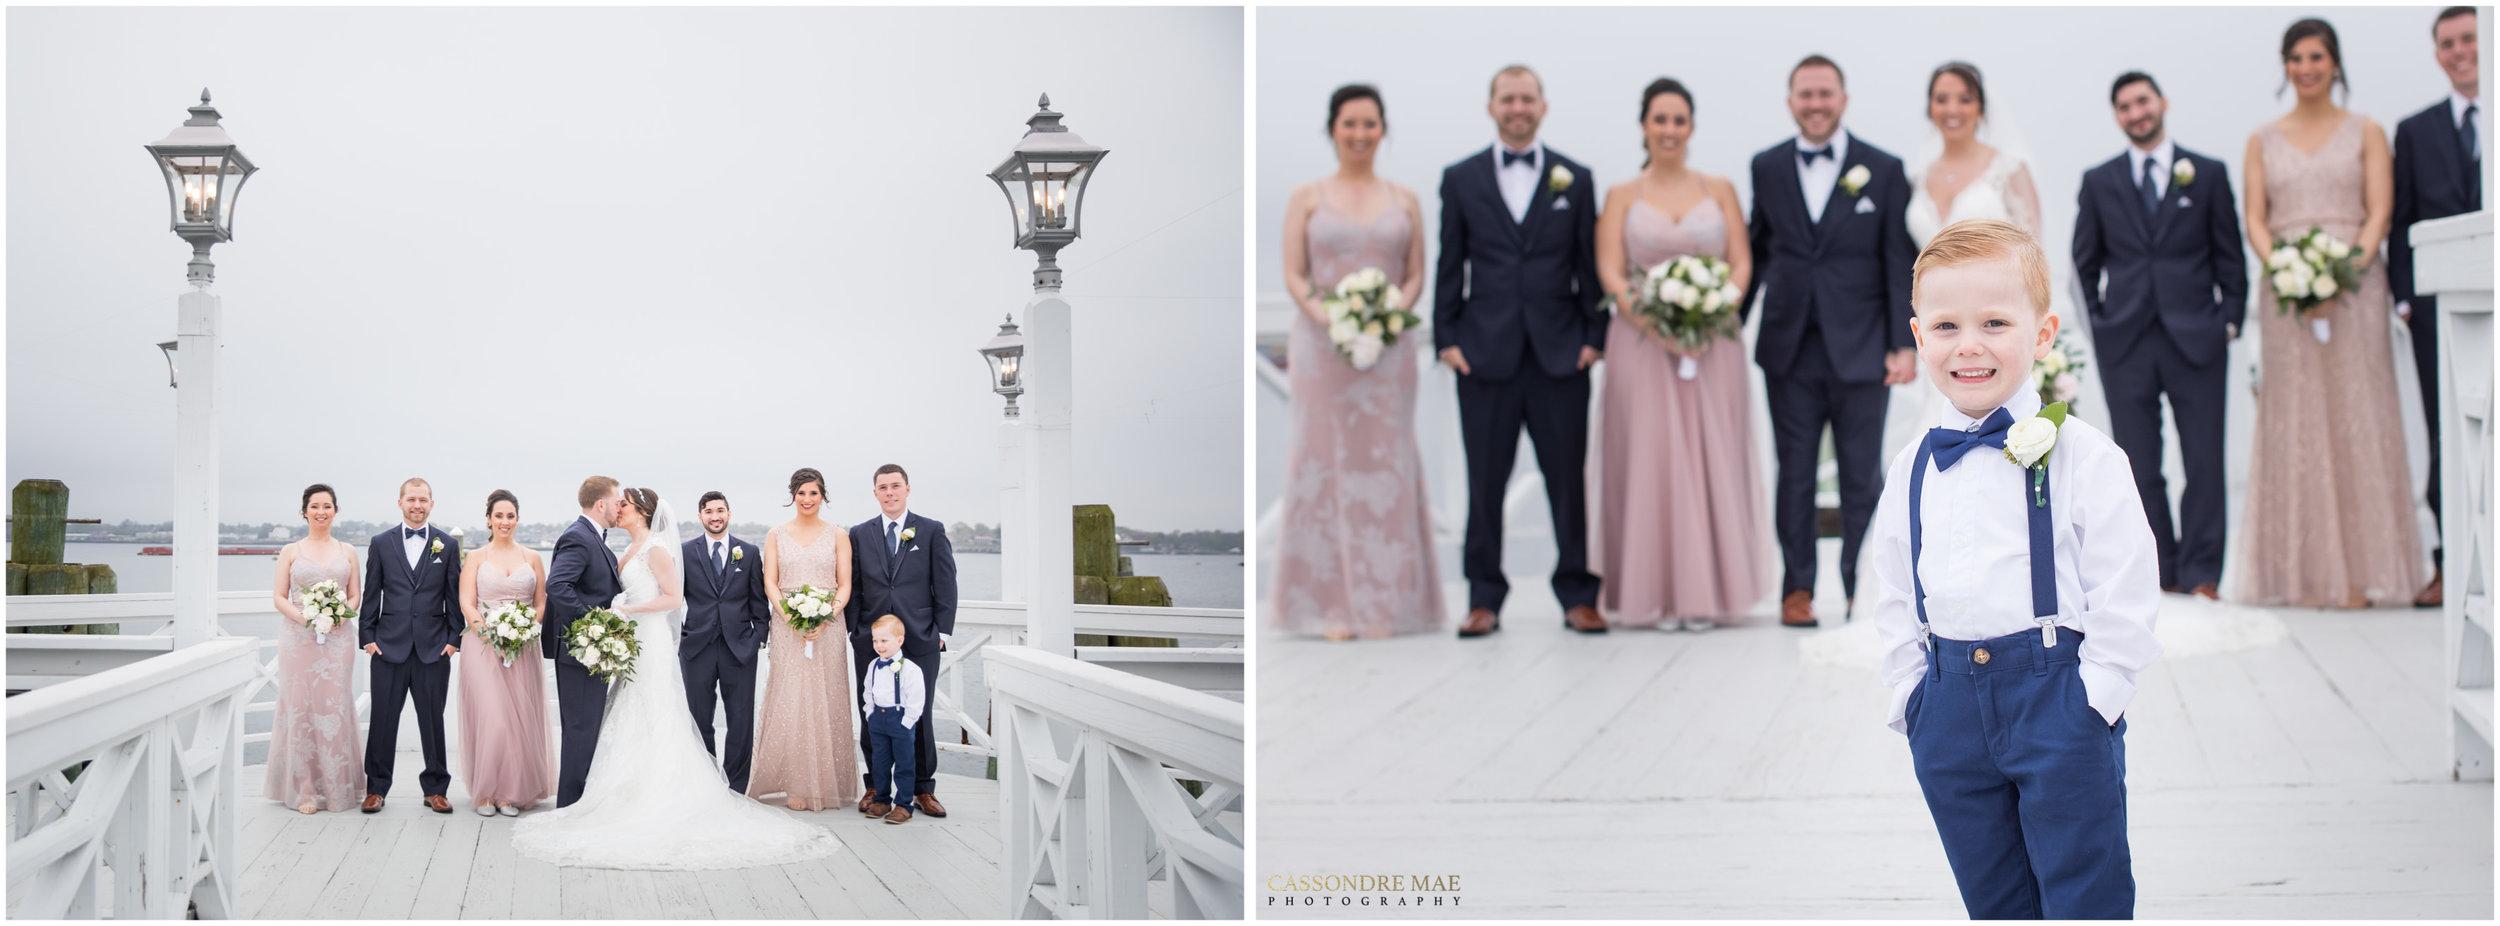 Cassondre Mae Photography Marina Del Ray Weddings 7.jpg